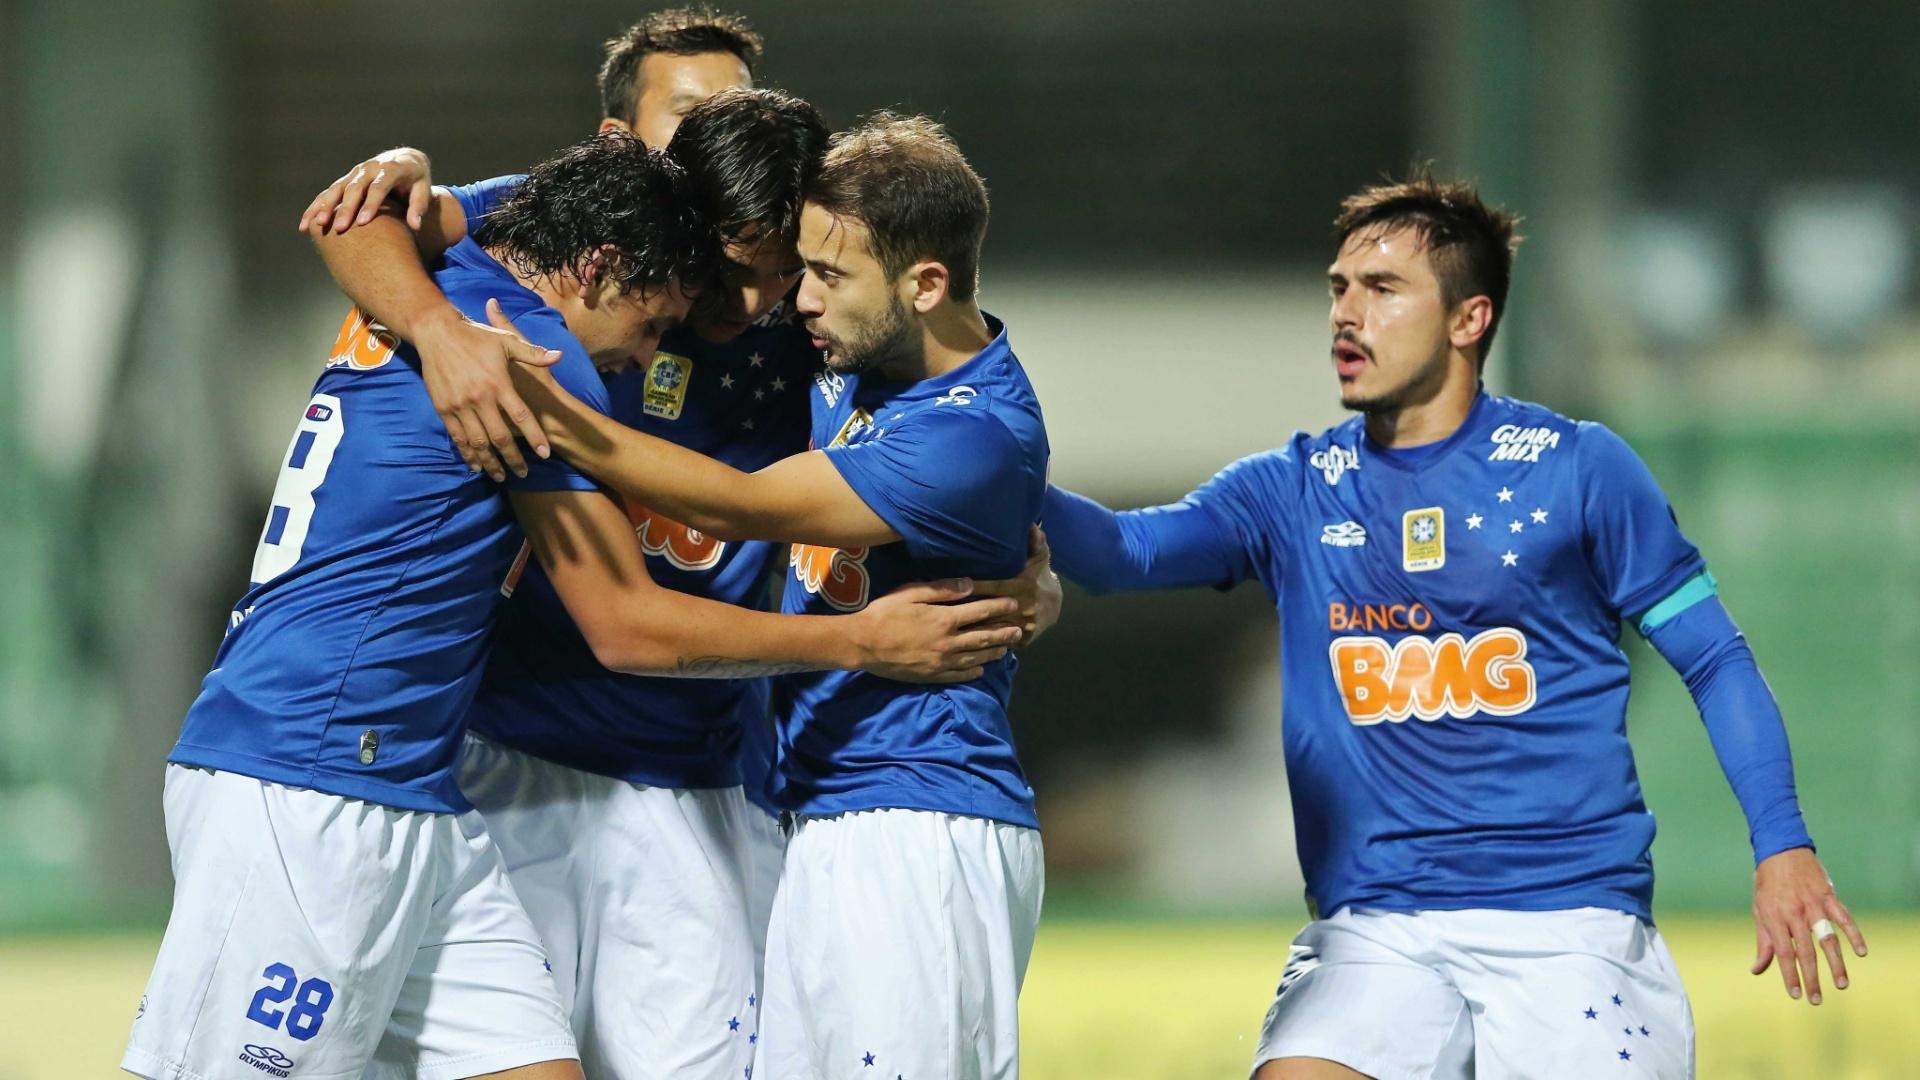 Cruzeiro abriu o placar contra o Coritiba com gol de Marcelo Moreno